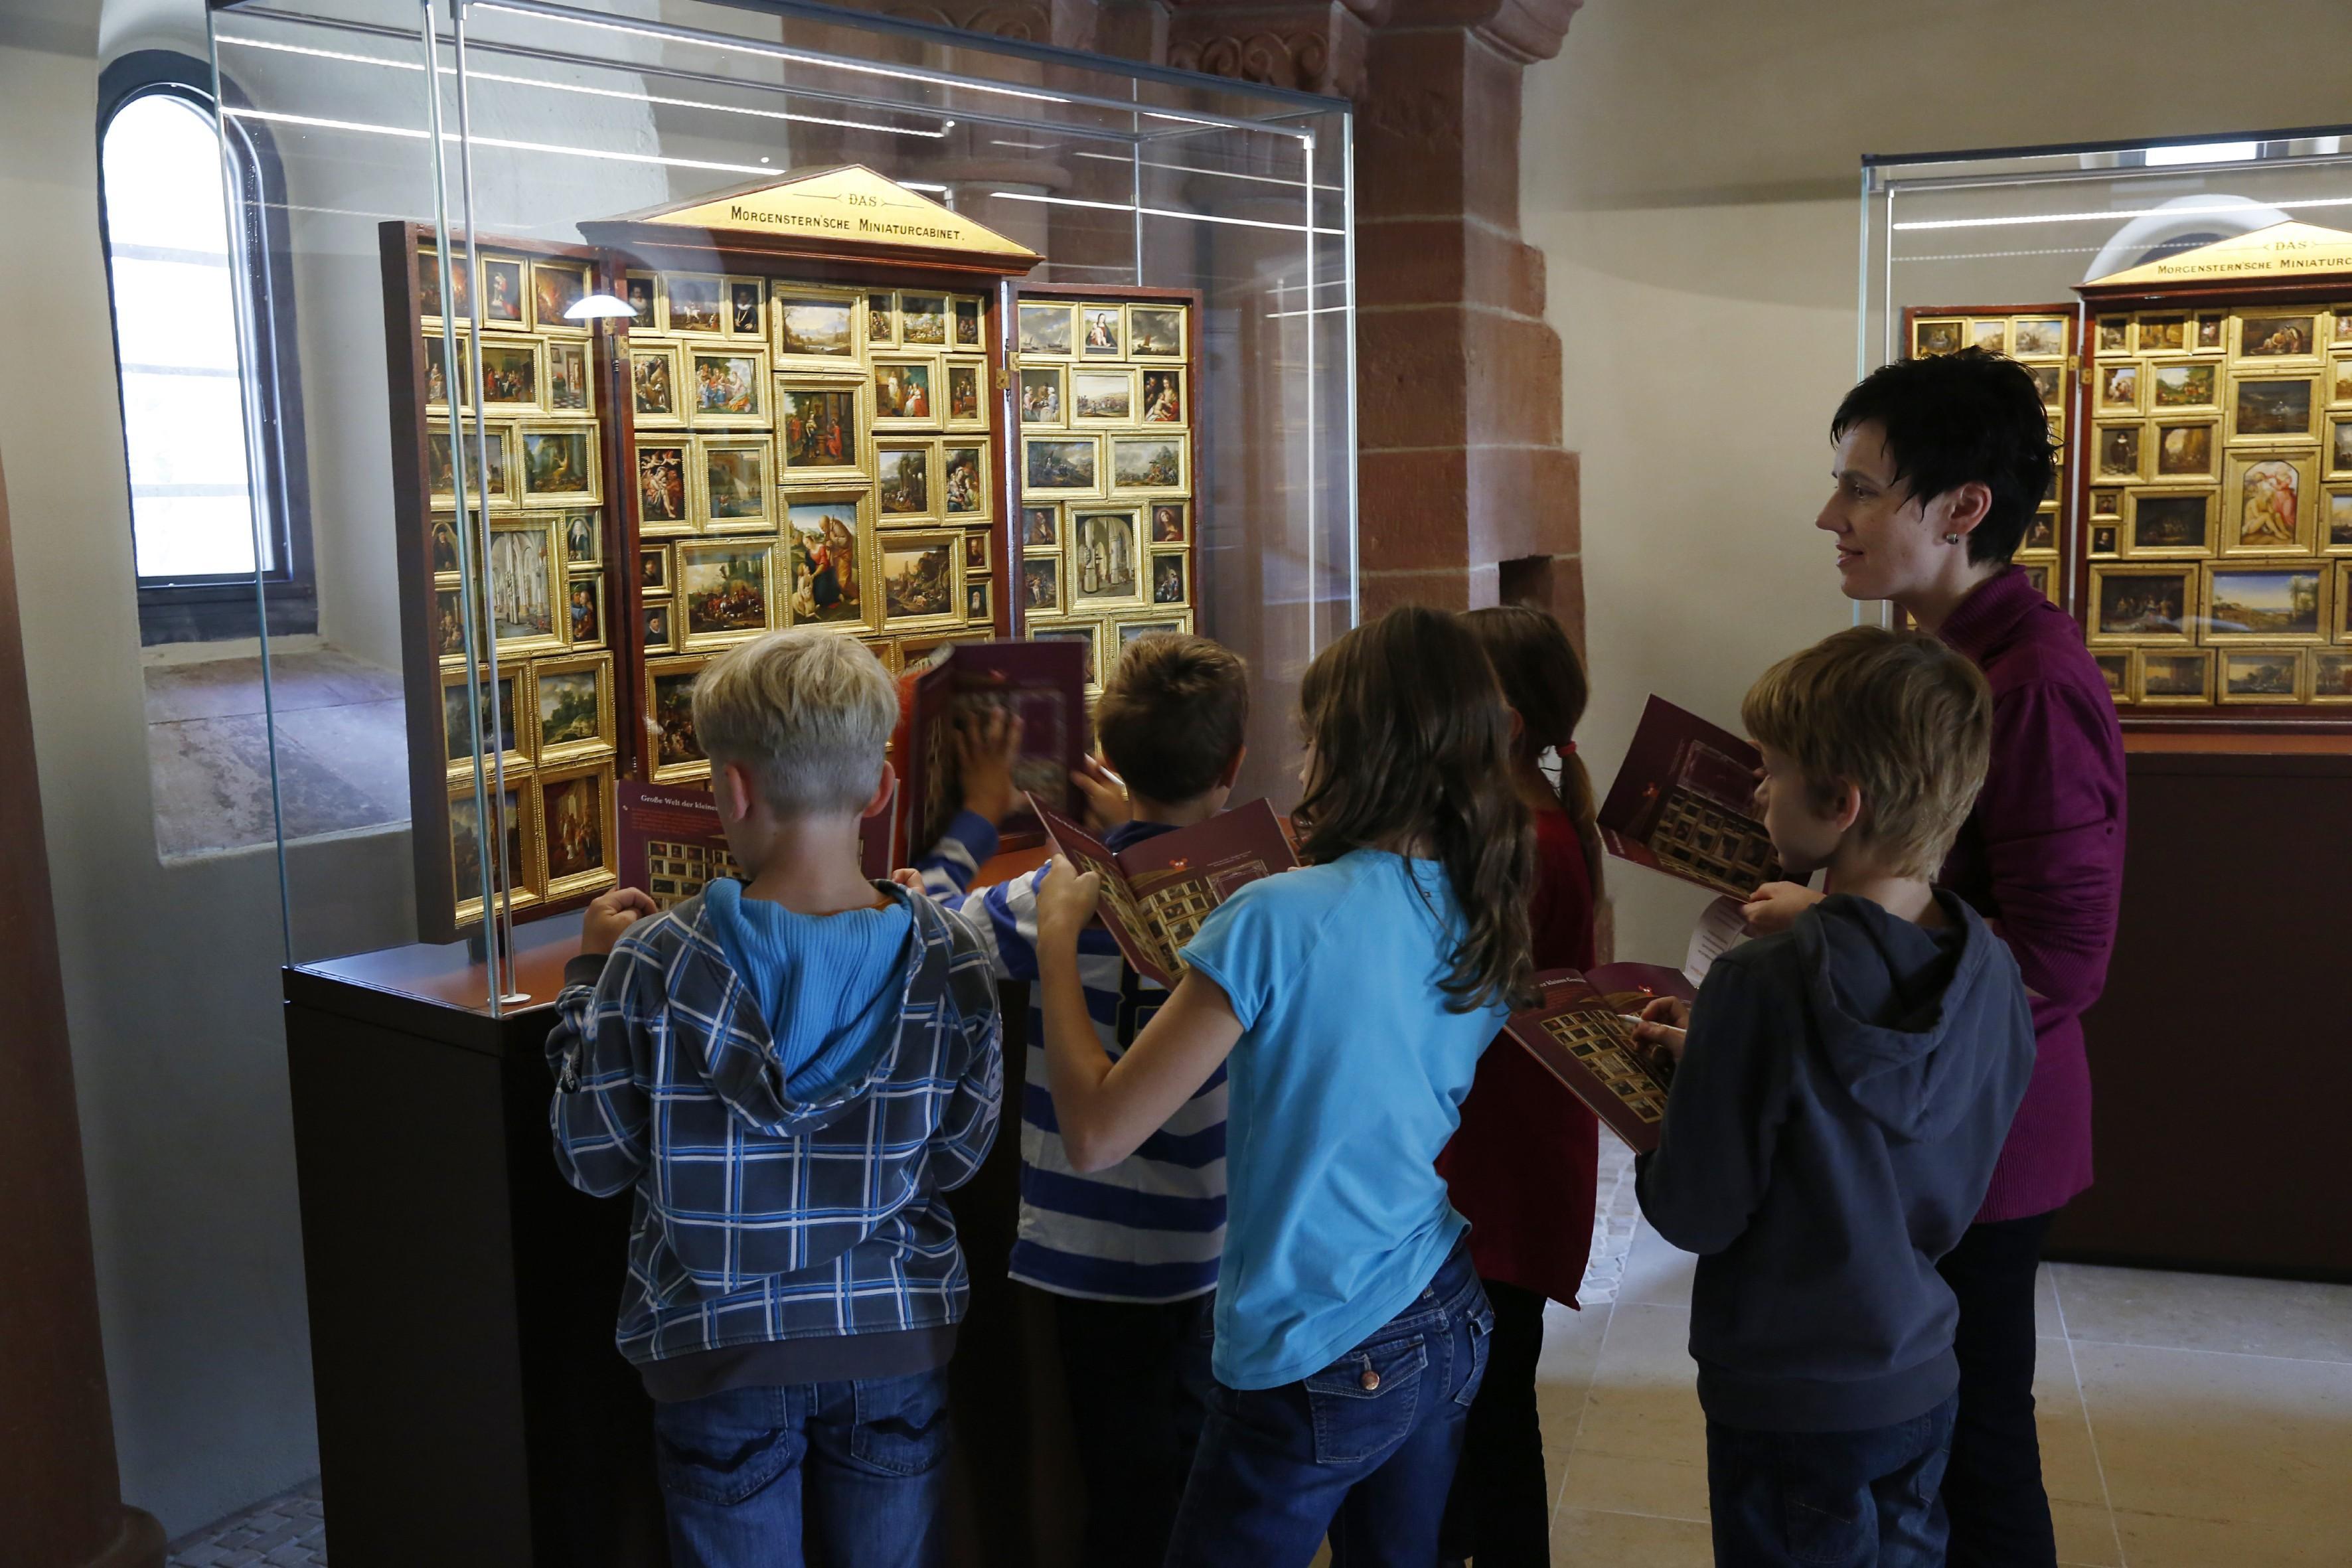 Eine Gruppe von Kindern betrachtet eines der Morgensternschen Miniaturkabinette